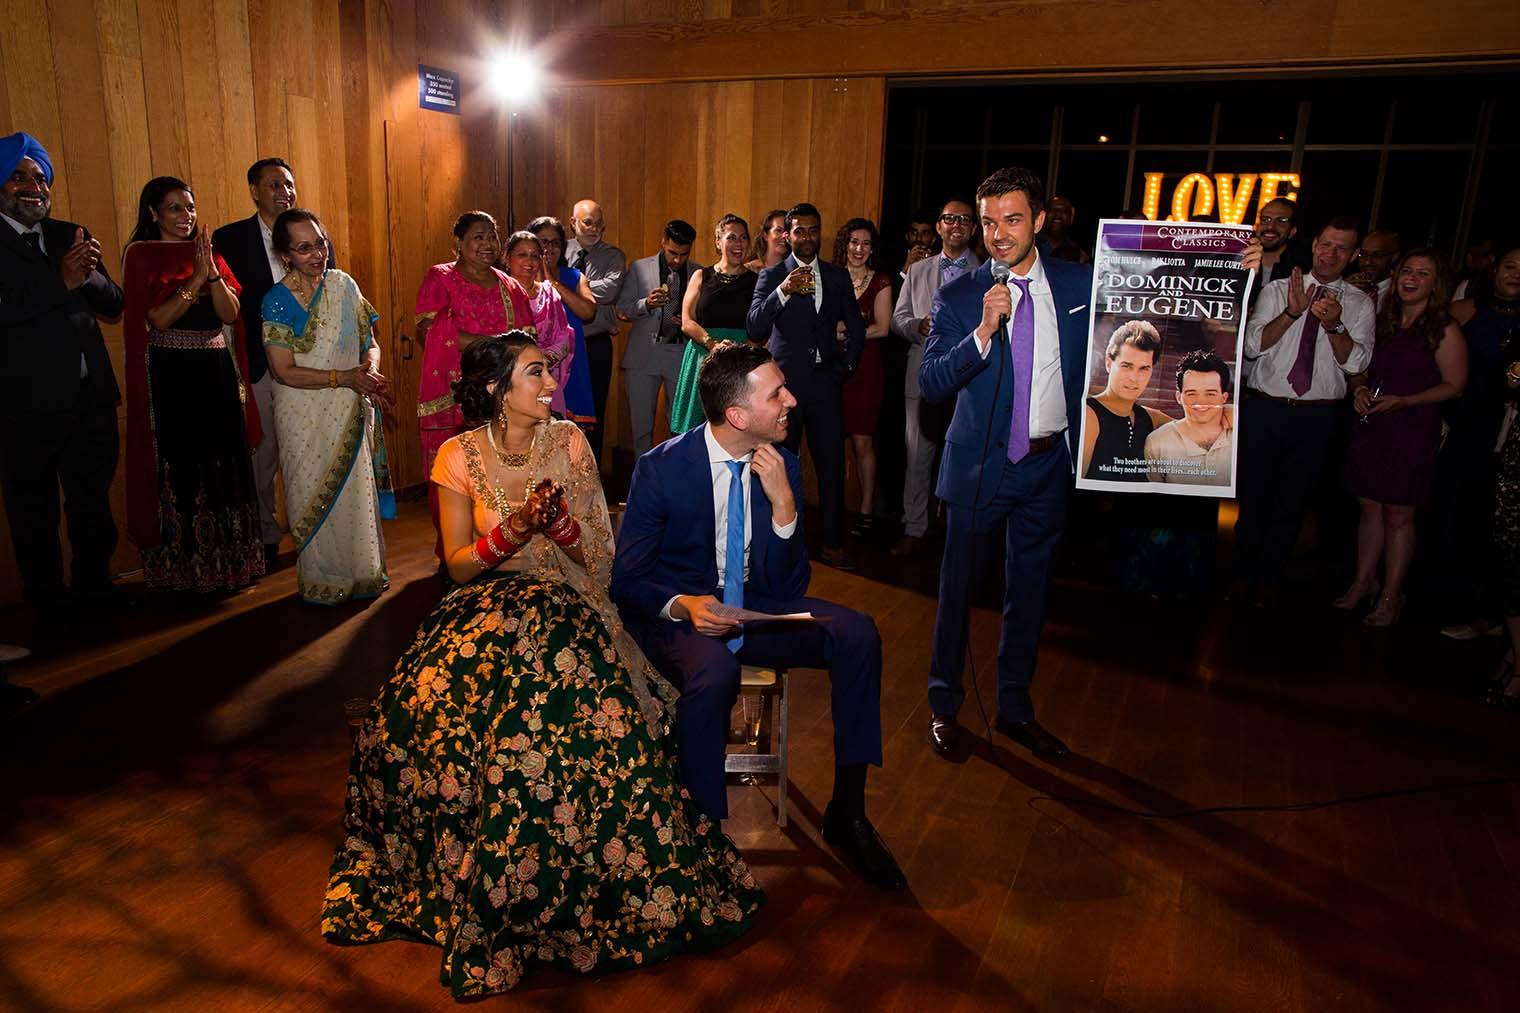 curiodyssey wedding speeches